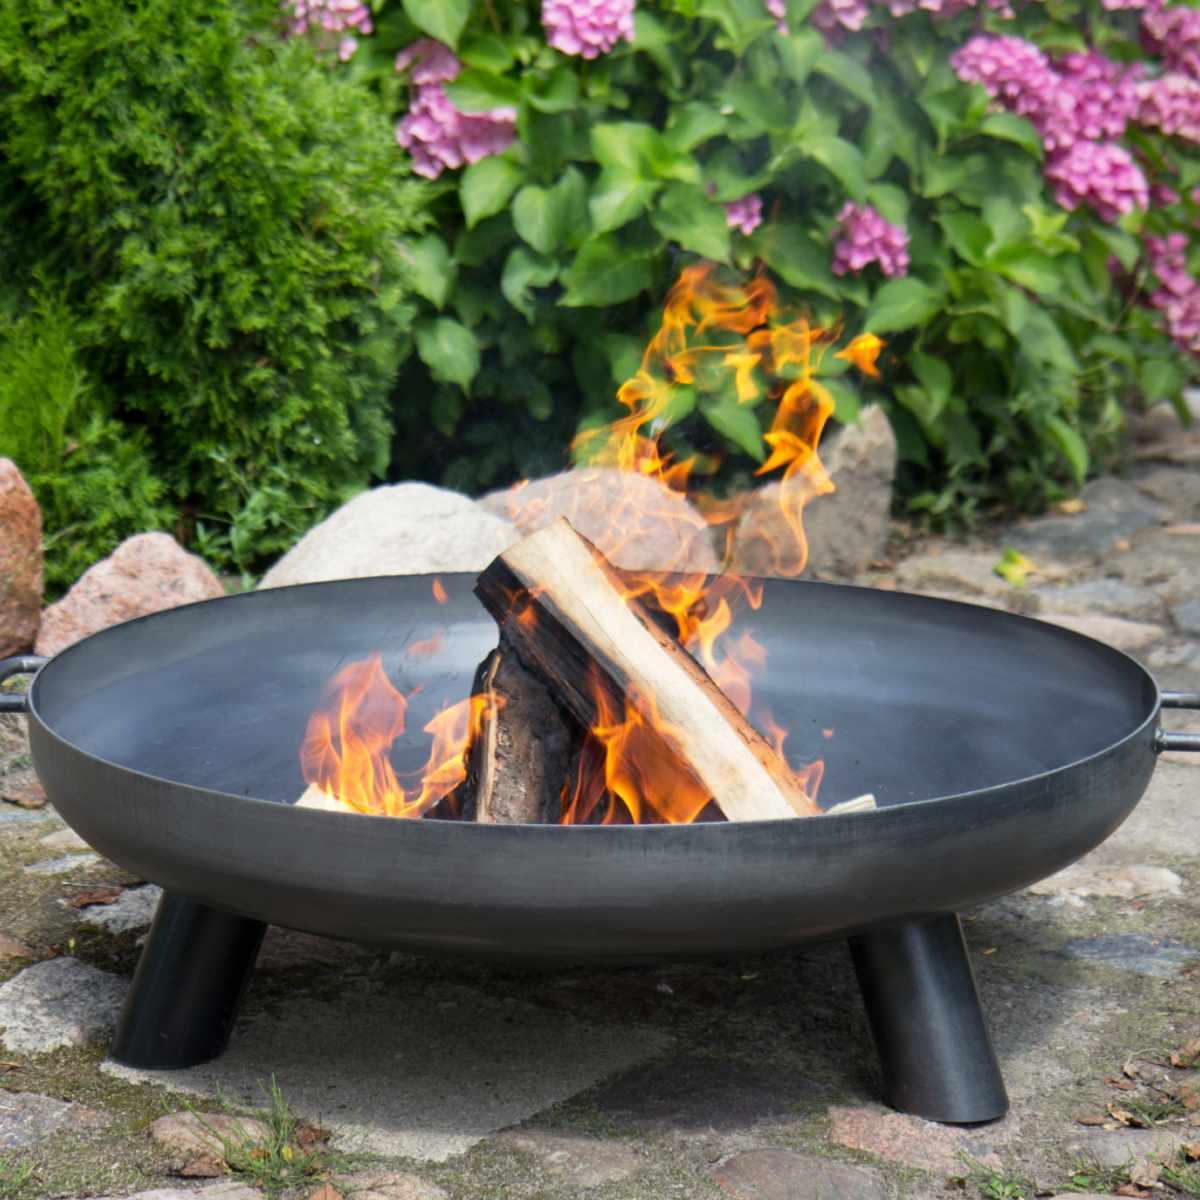 Cook King Bali 60cm Fire Bowl